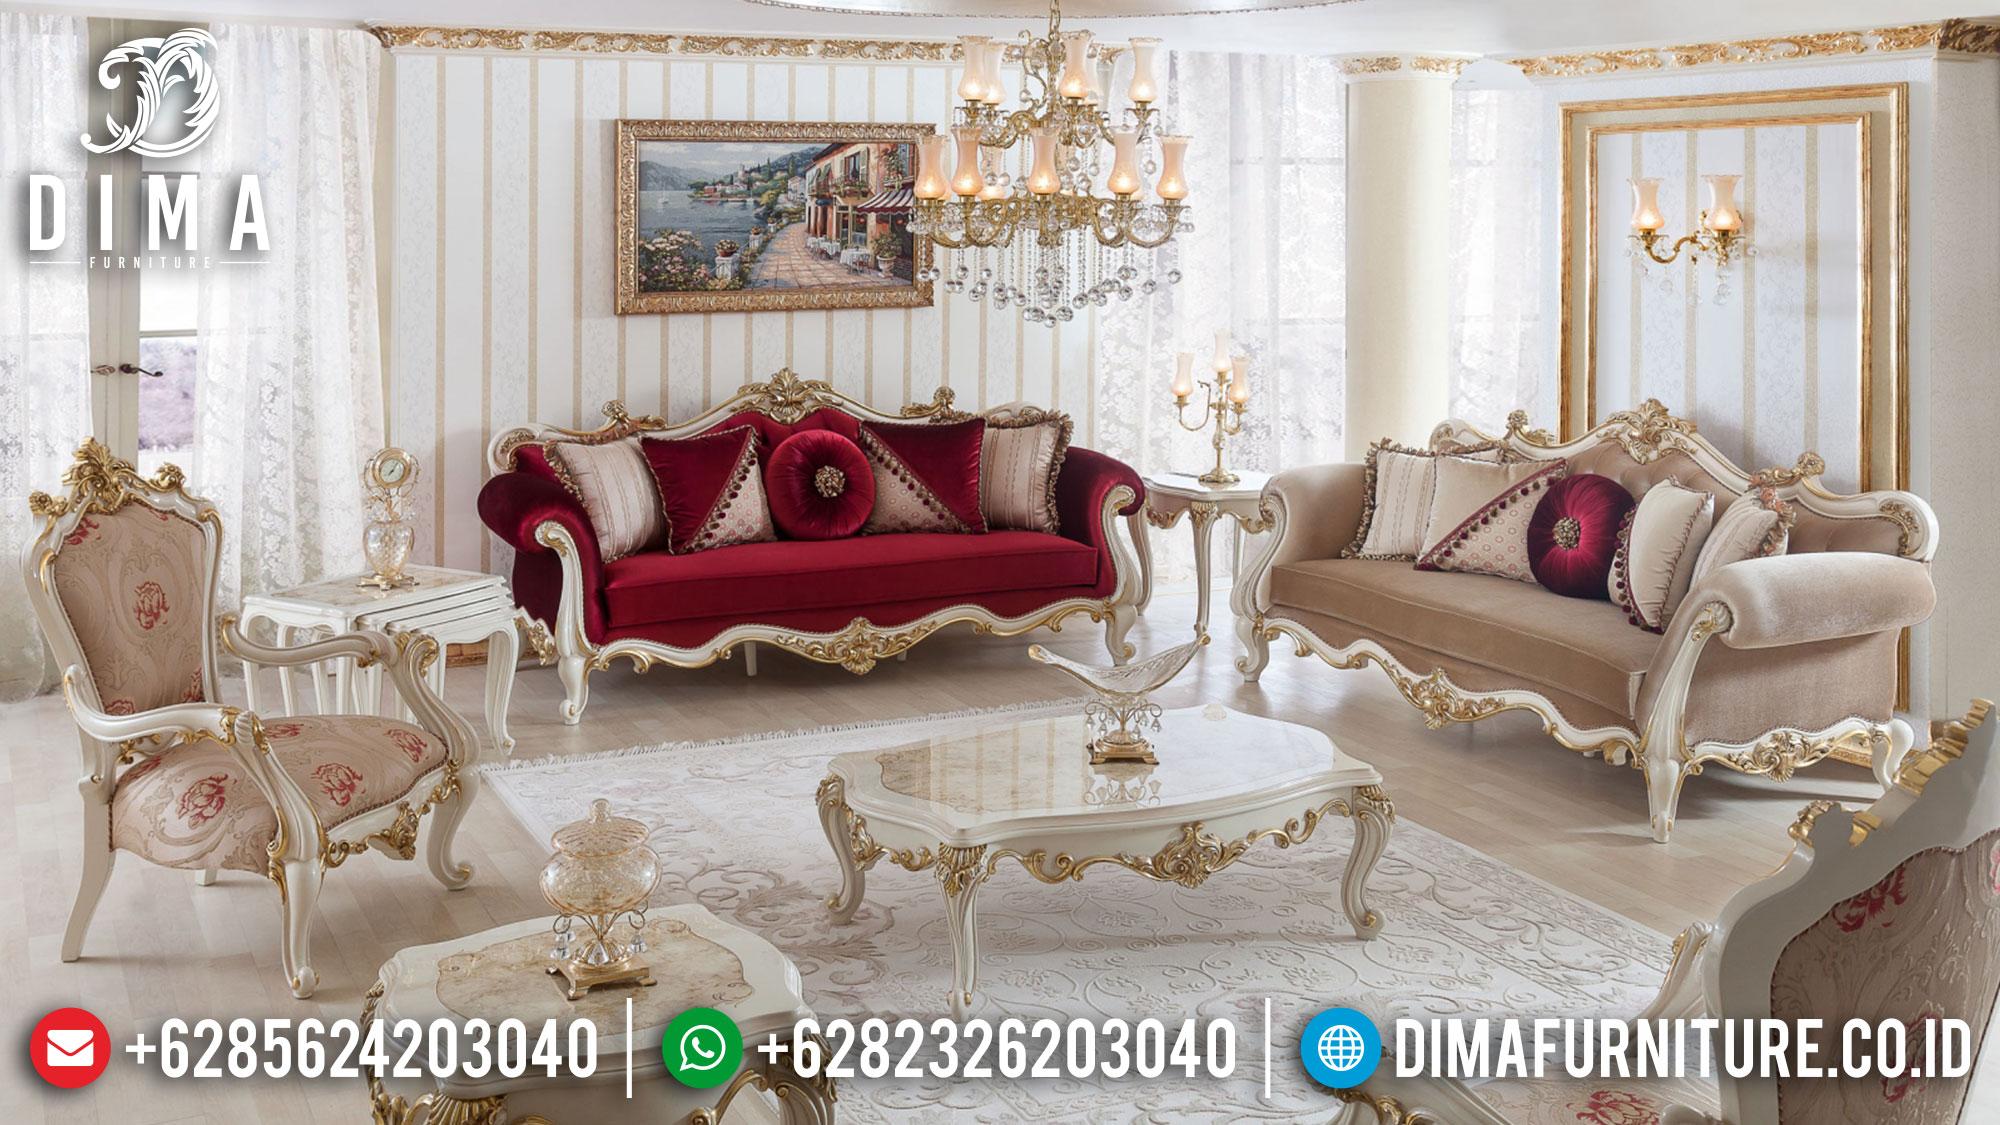 Get Sale Sofa Tamu Mewah Jepara Luxury Carving Classic Mebel Terupdate TTJ-1504